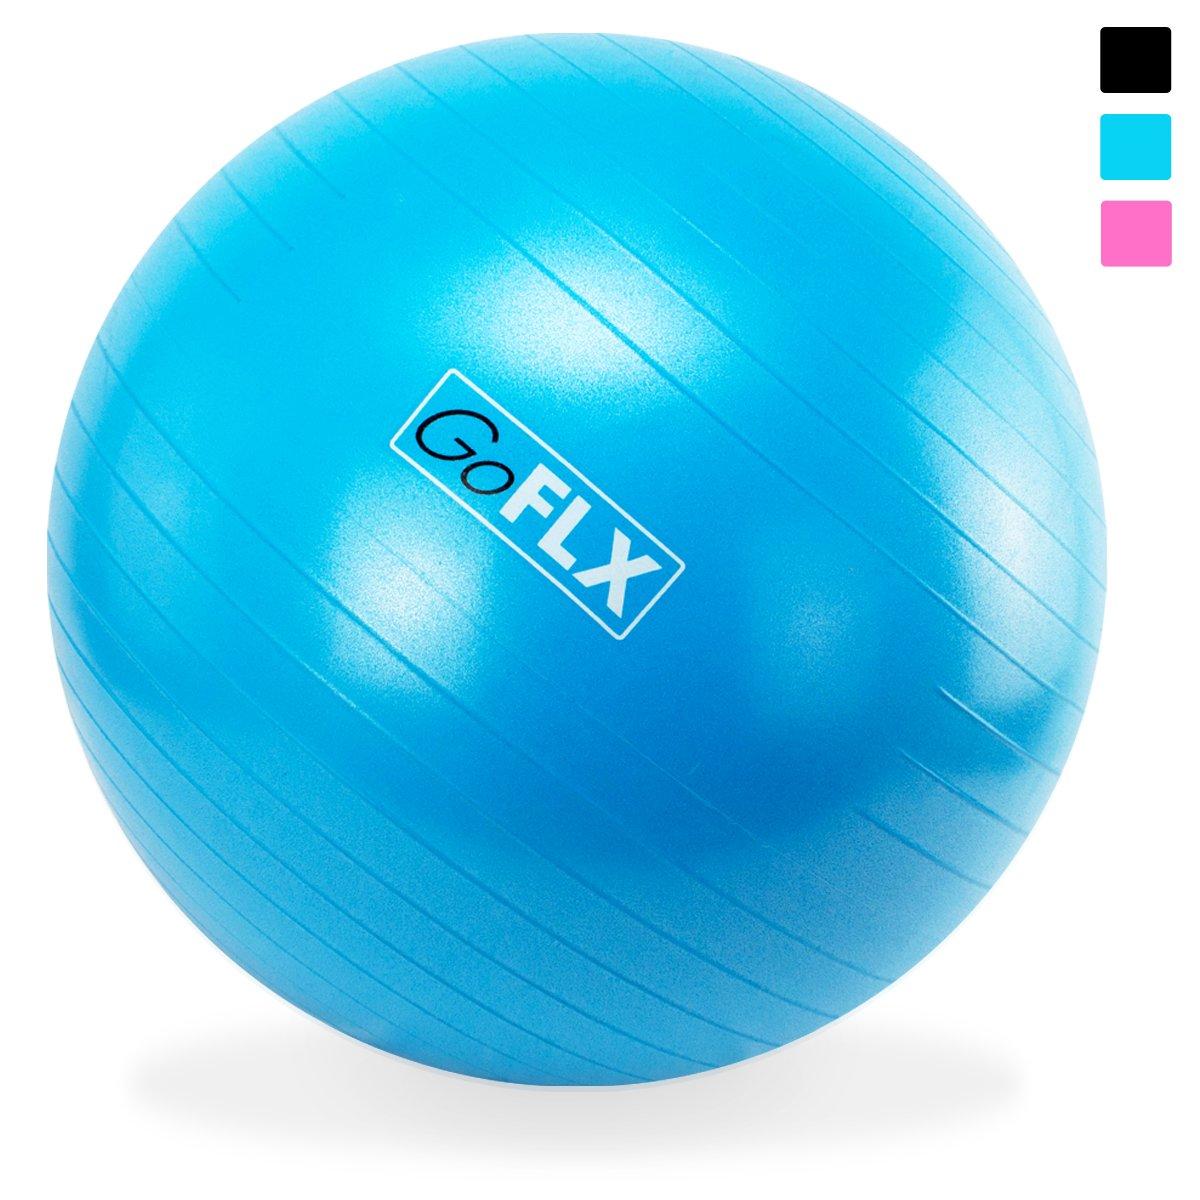 【予約受付中】 GoFLX バランスボール CM|ブルー ブルー 65cm ポンプ付 CM - ヨガ、エクササイズに最適。耐荷重200kgまで対応のエクササイズボール(ブルー) B00WJW39OG ブルー 75 CM 75 CM|ブルー, 相生市:145ccbb1 --- arianechie.dominiotemporario.com